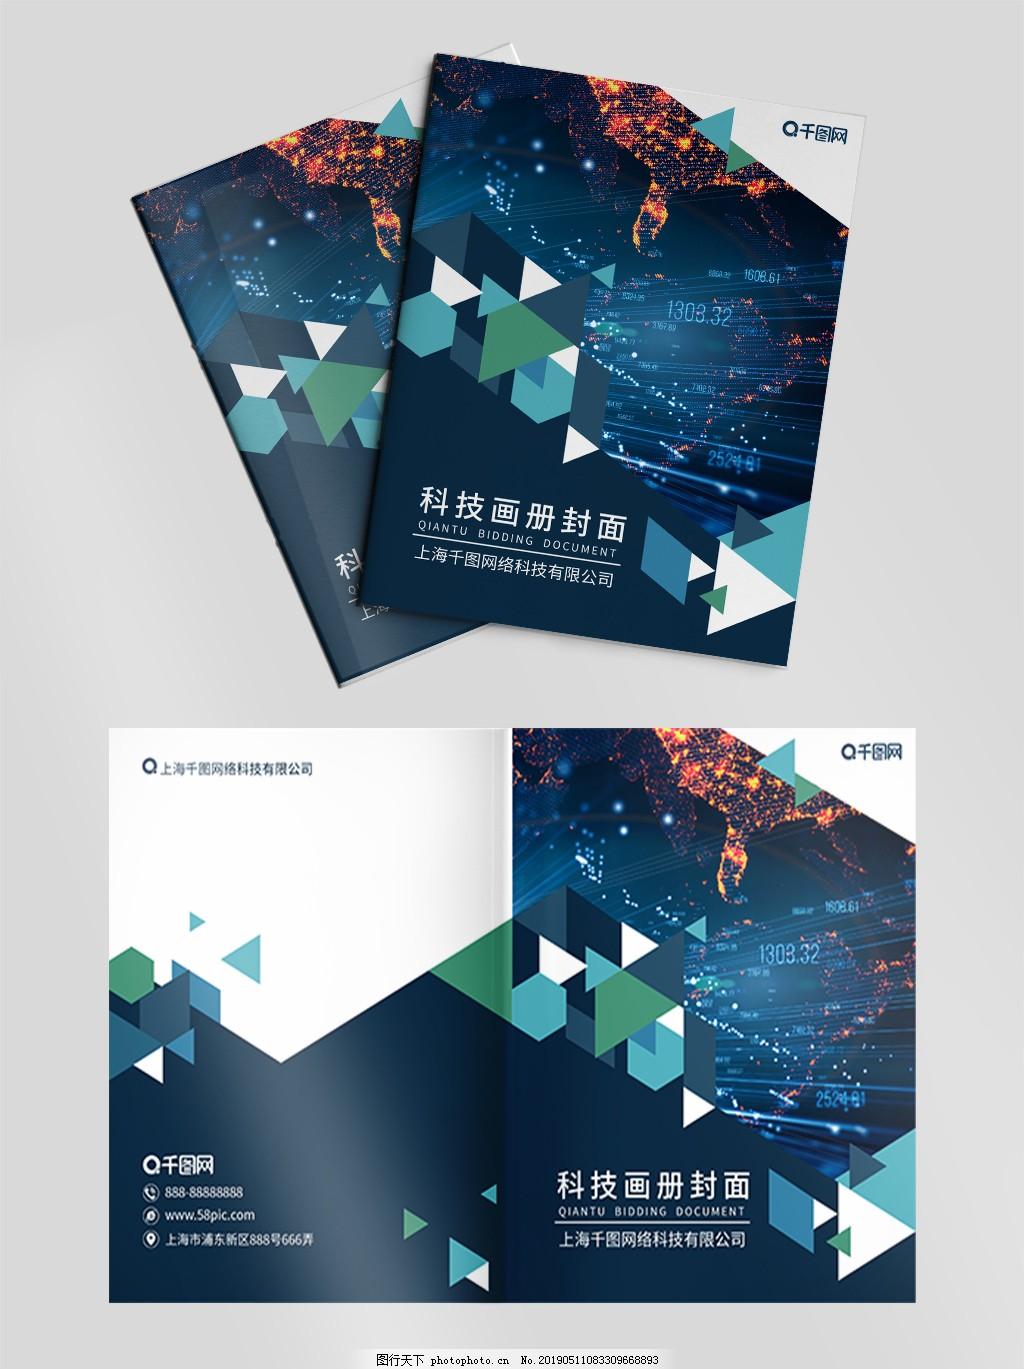 文化类书籍封面设计_科技企业画册封面设计图片_企业画册_画册装帧-图行天下素材网